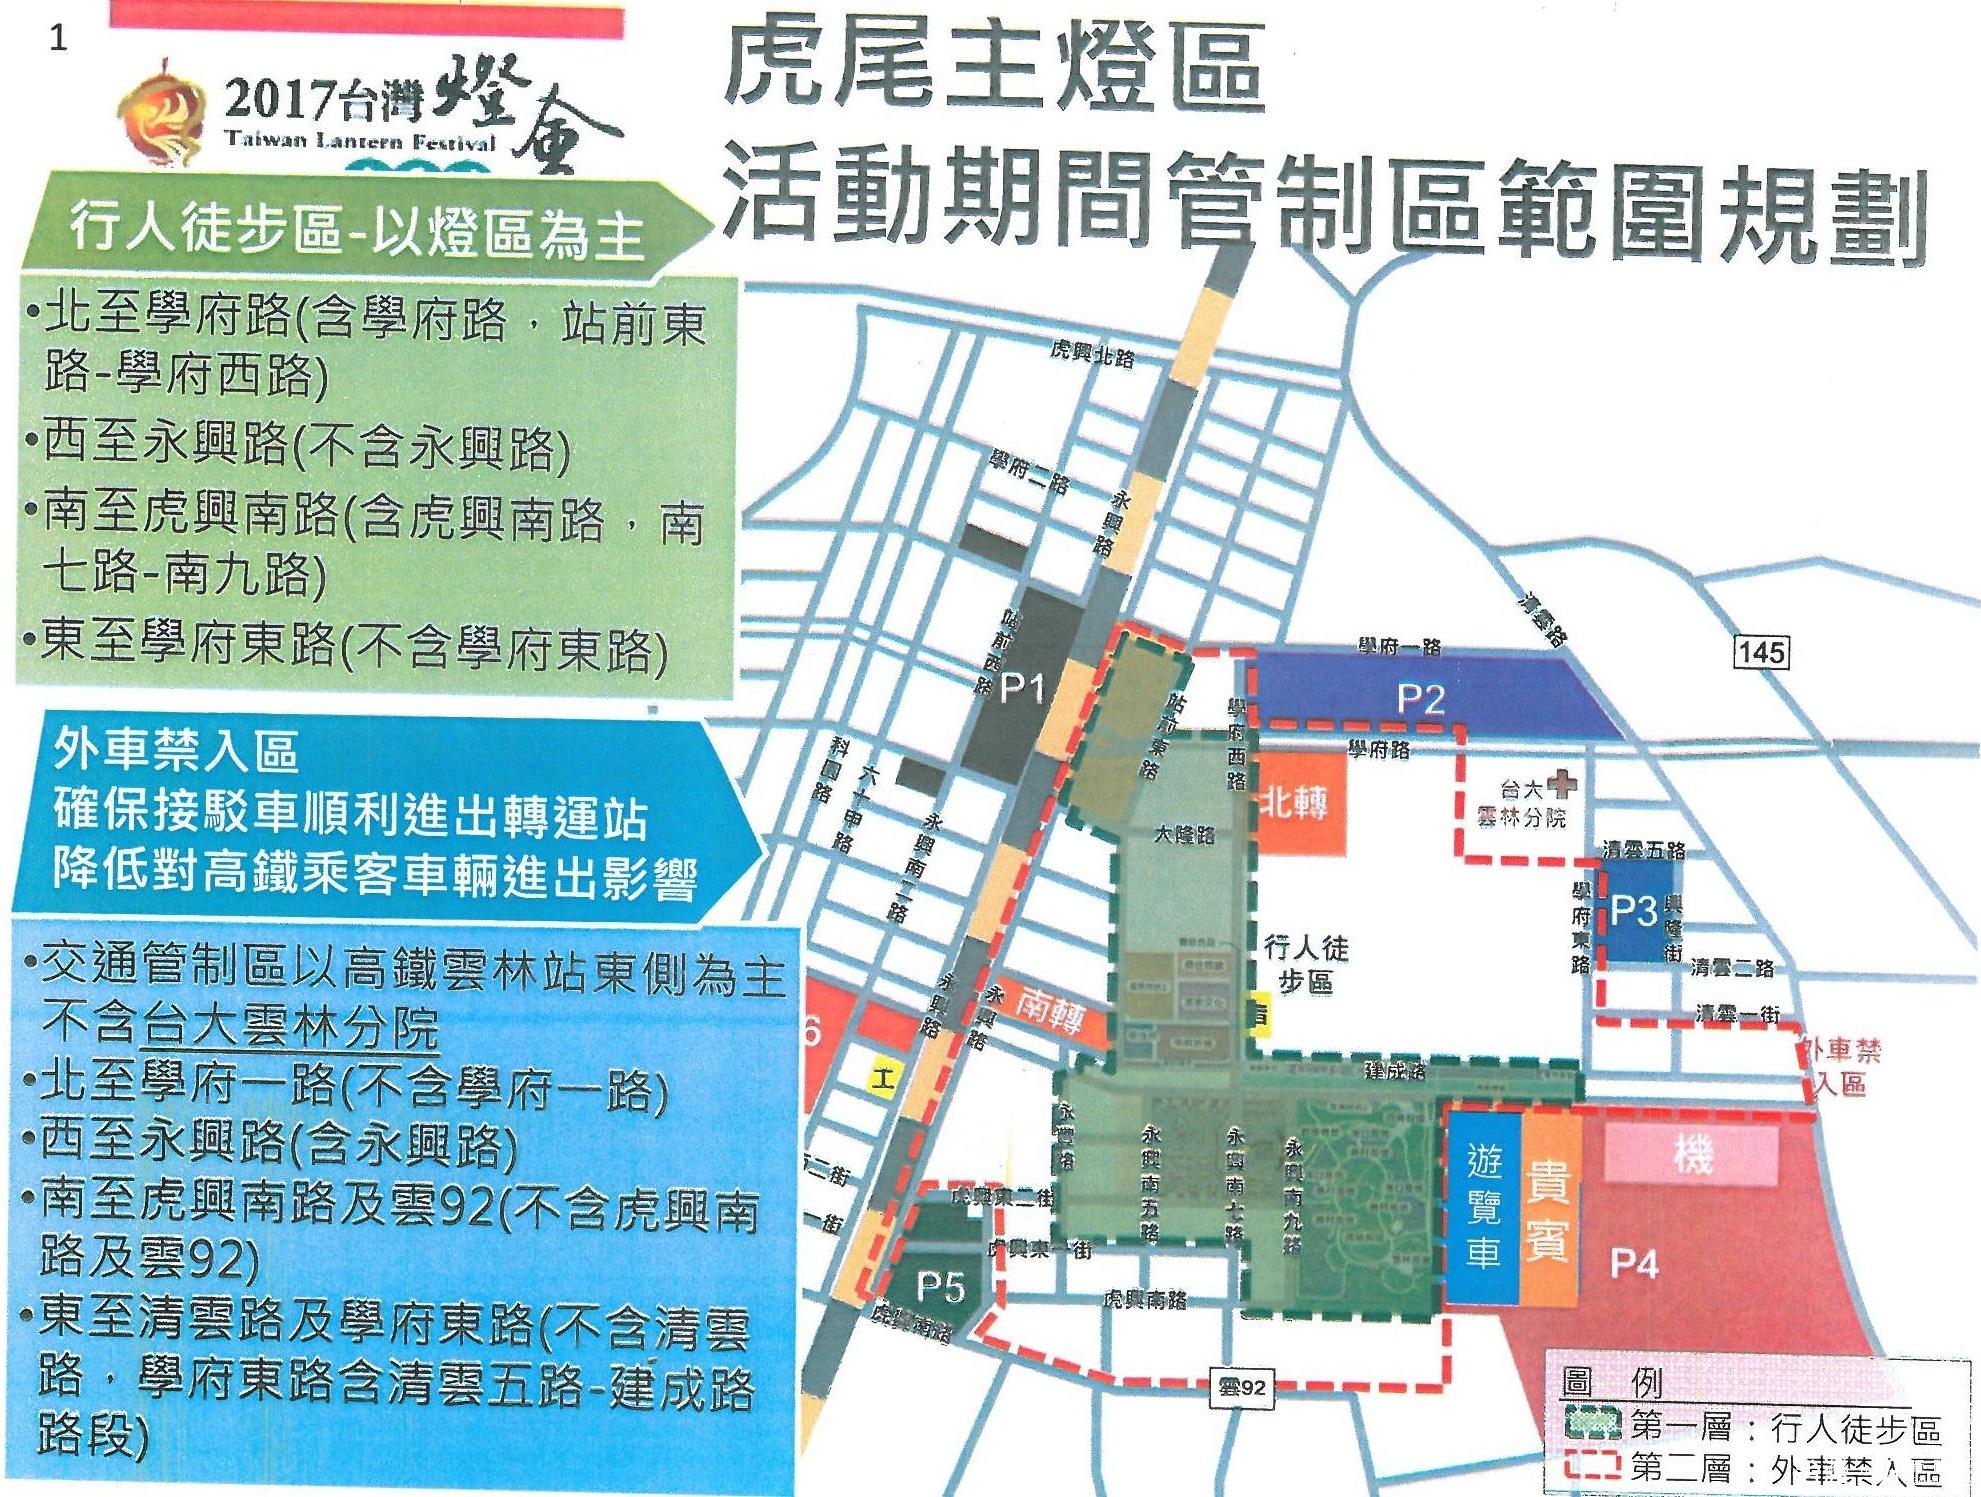 台灣燈會期間 高鐵雲林站啟動進出疏導措施